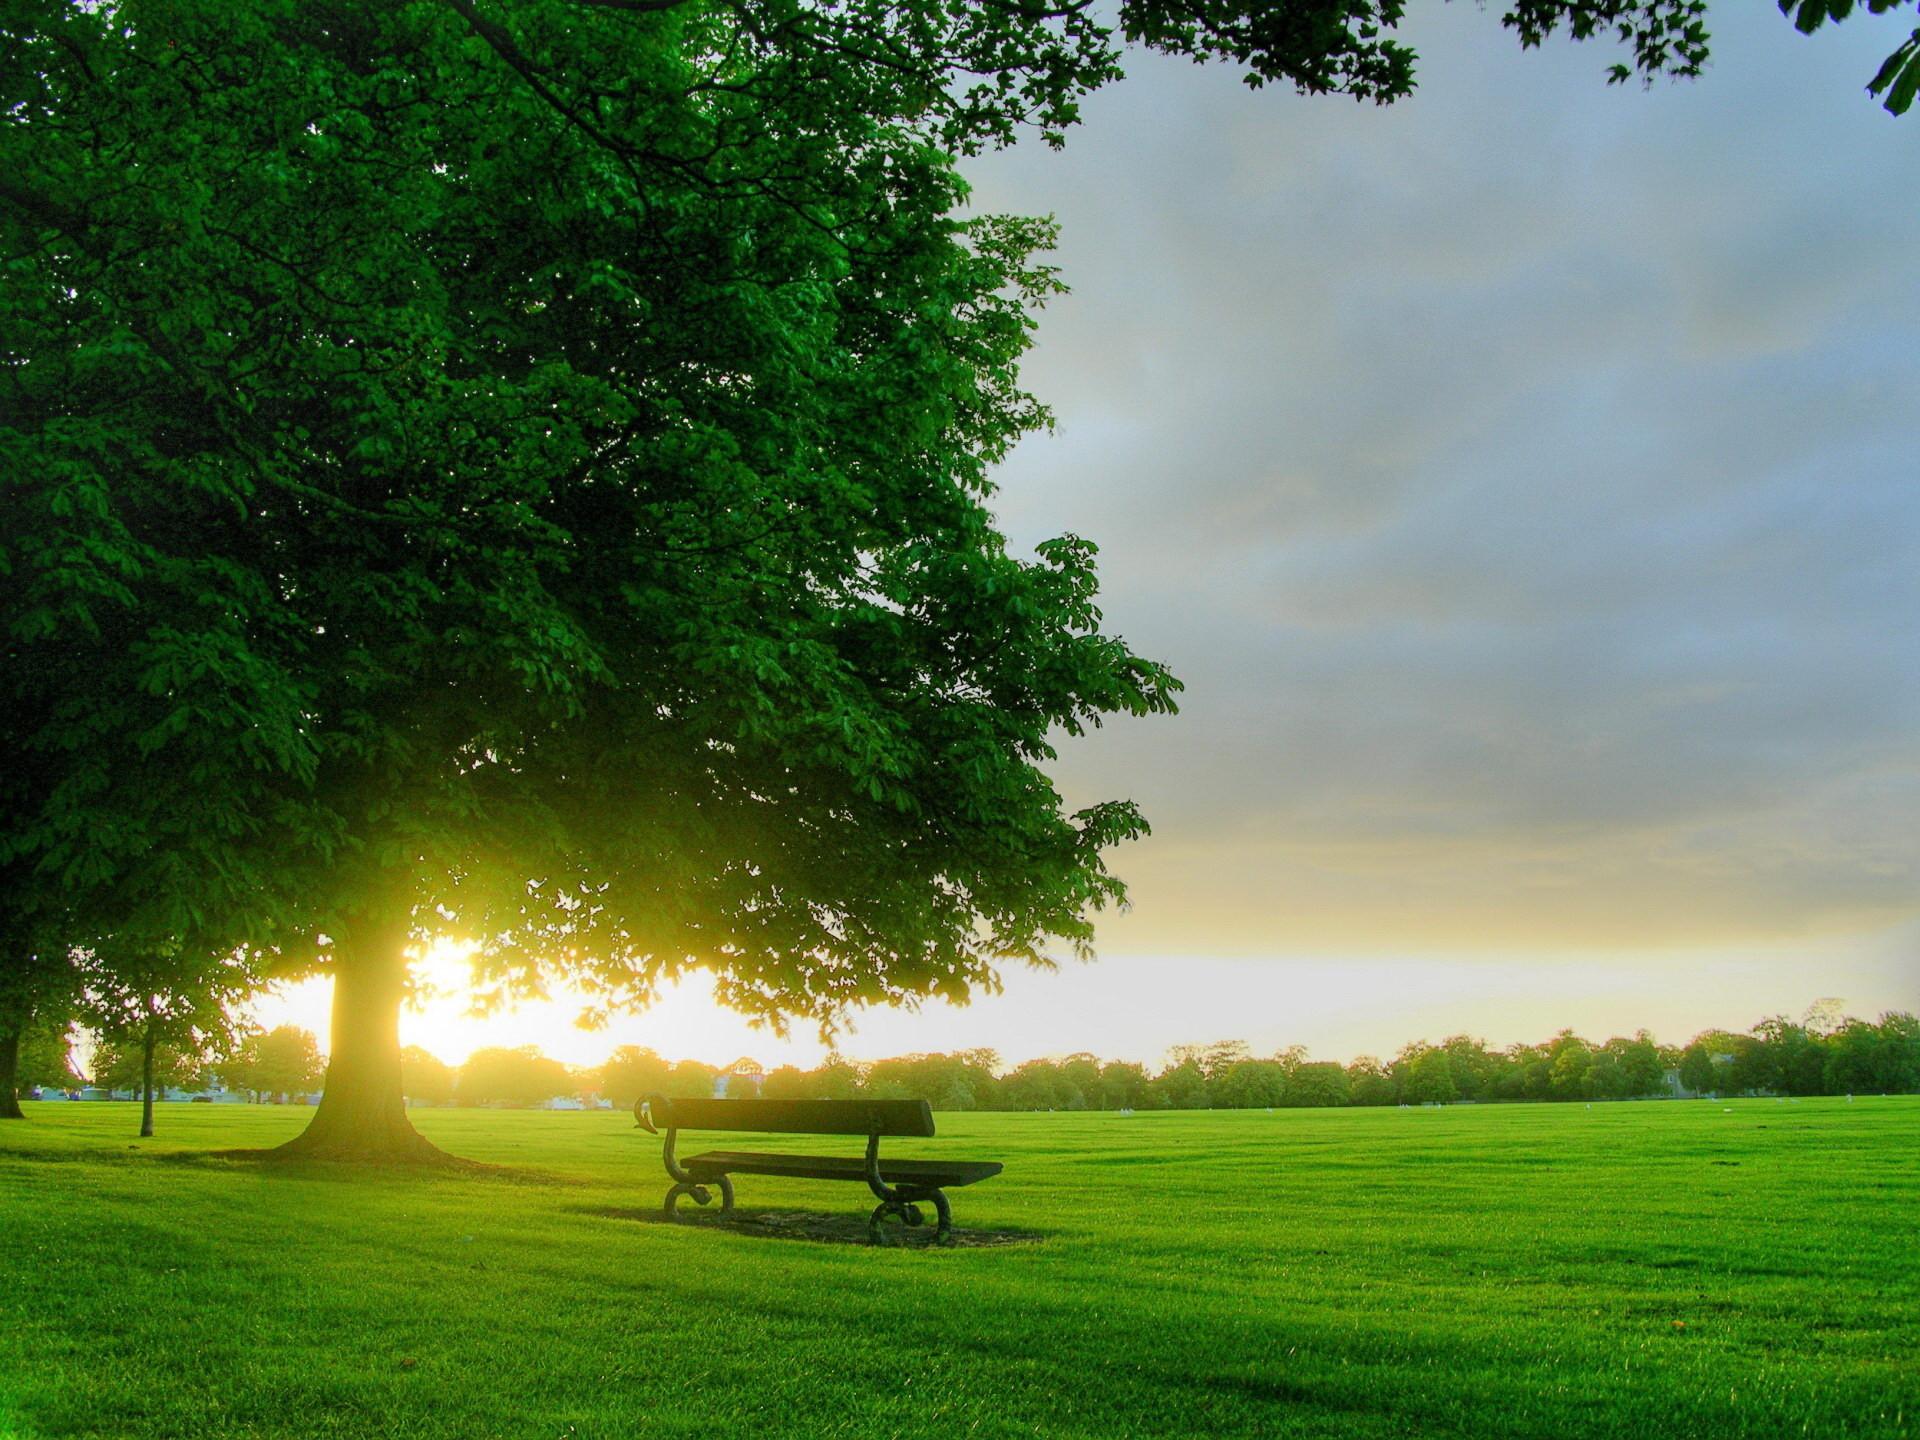 Скачать картинку Закат, Трава, Пейзаж, Деревья в телефон бесплатно.